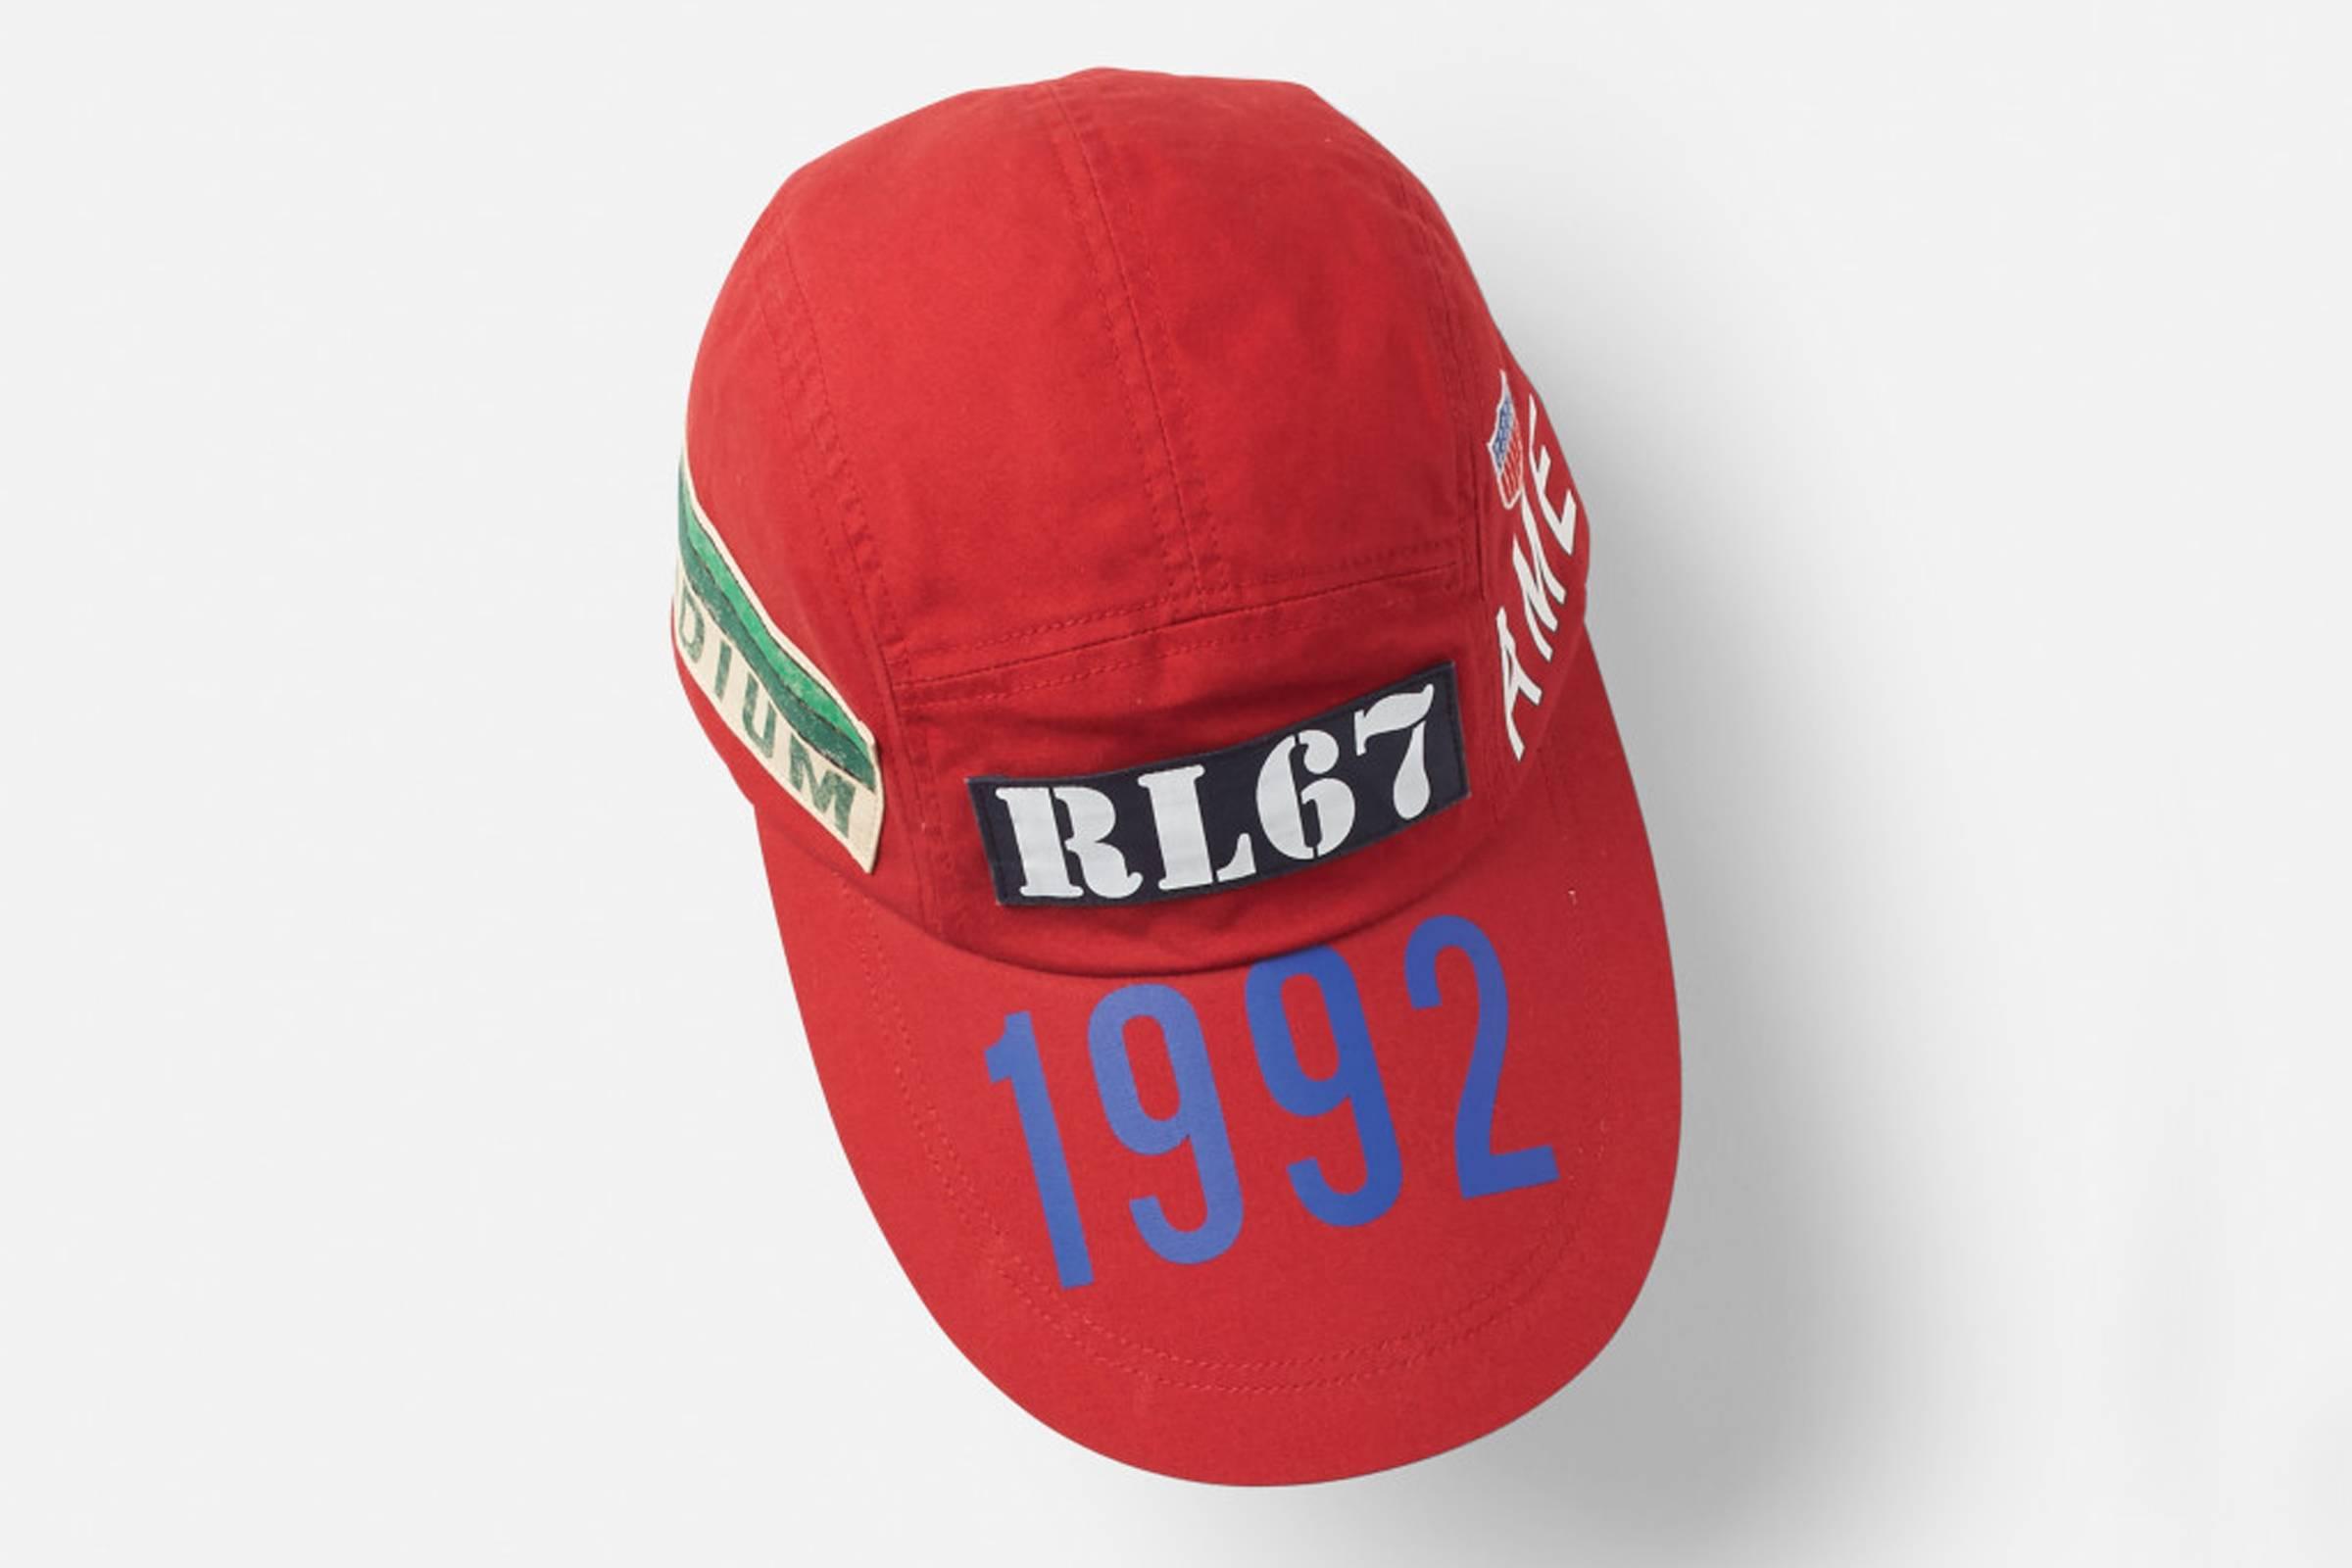 027a8a62459922 Our 10 Favorite Ralph Lauren Grails - Ralph Lauren Polo Grails